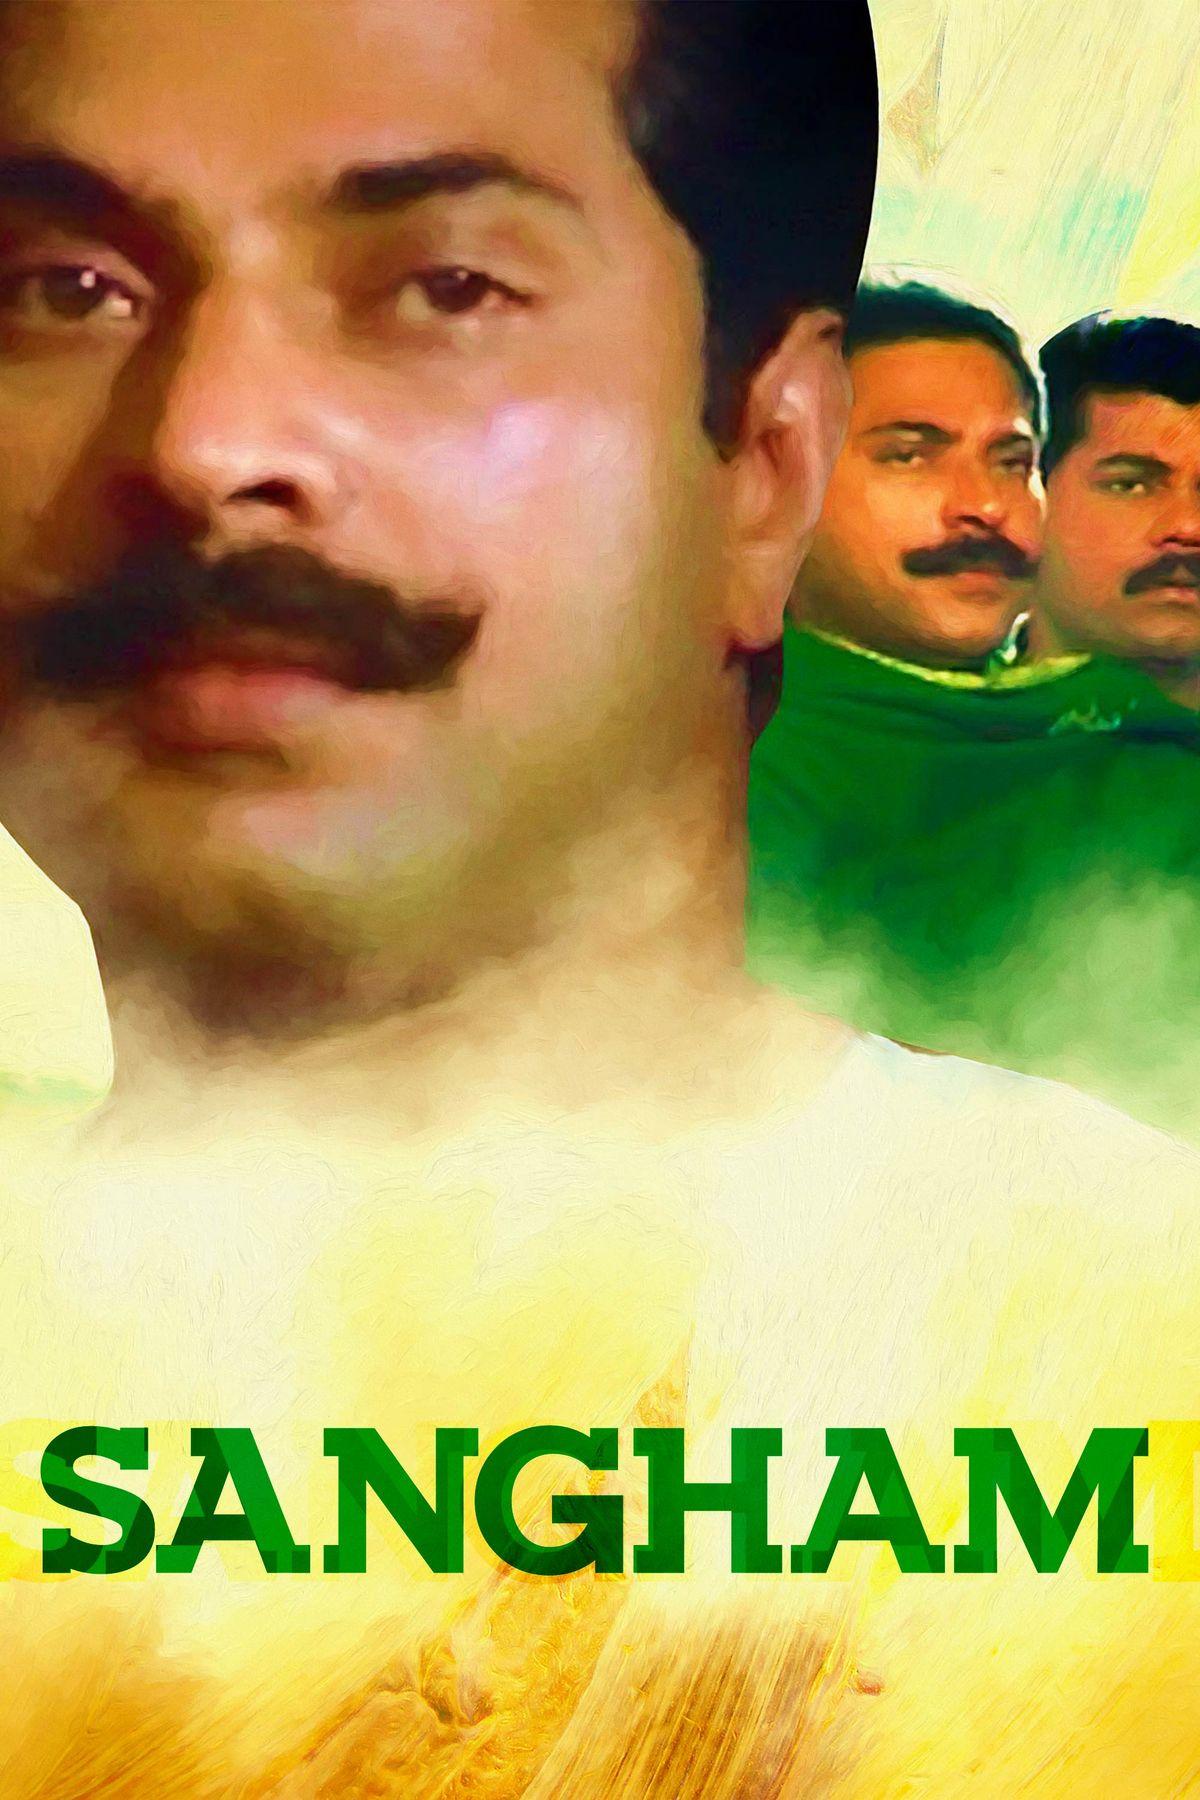 Sangham